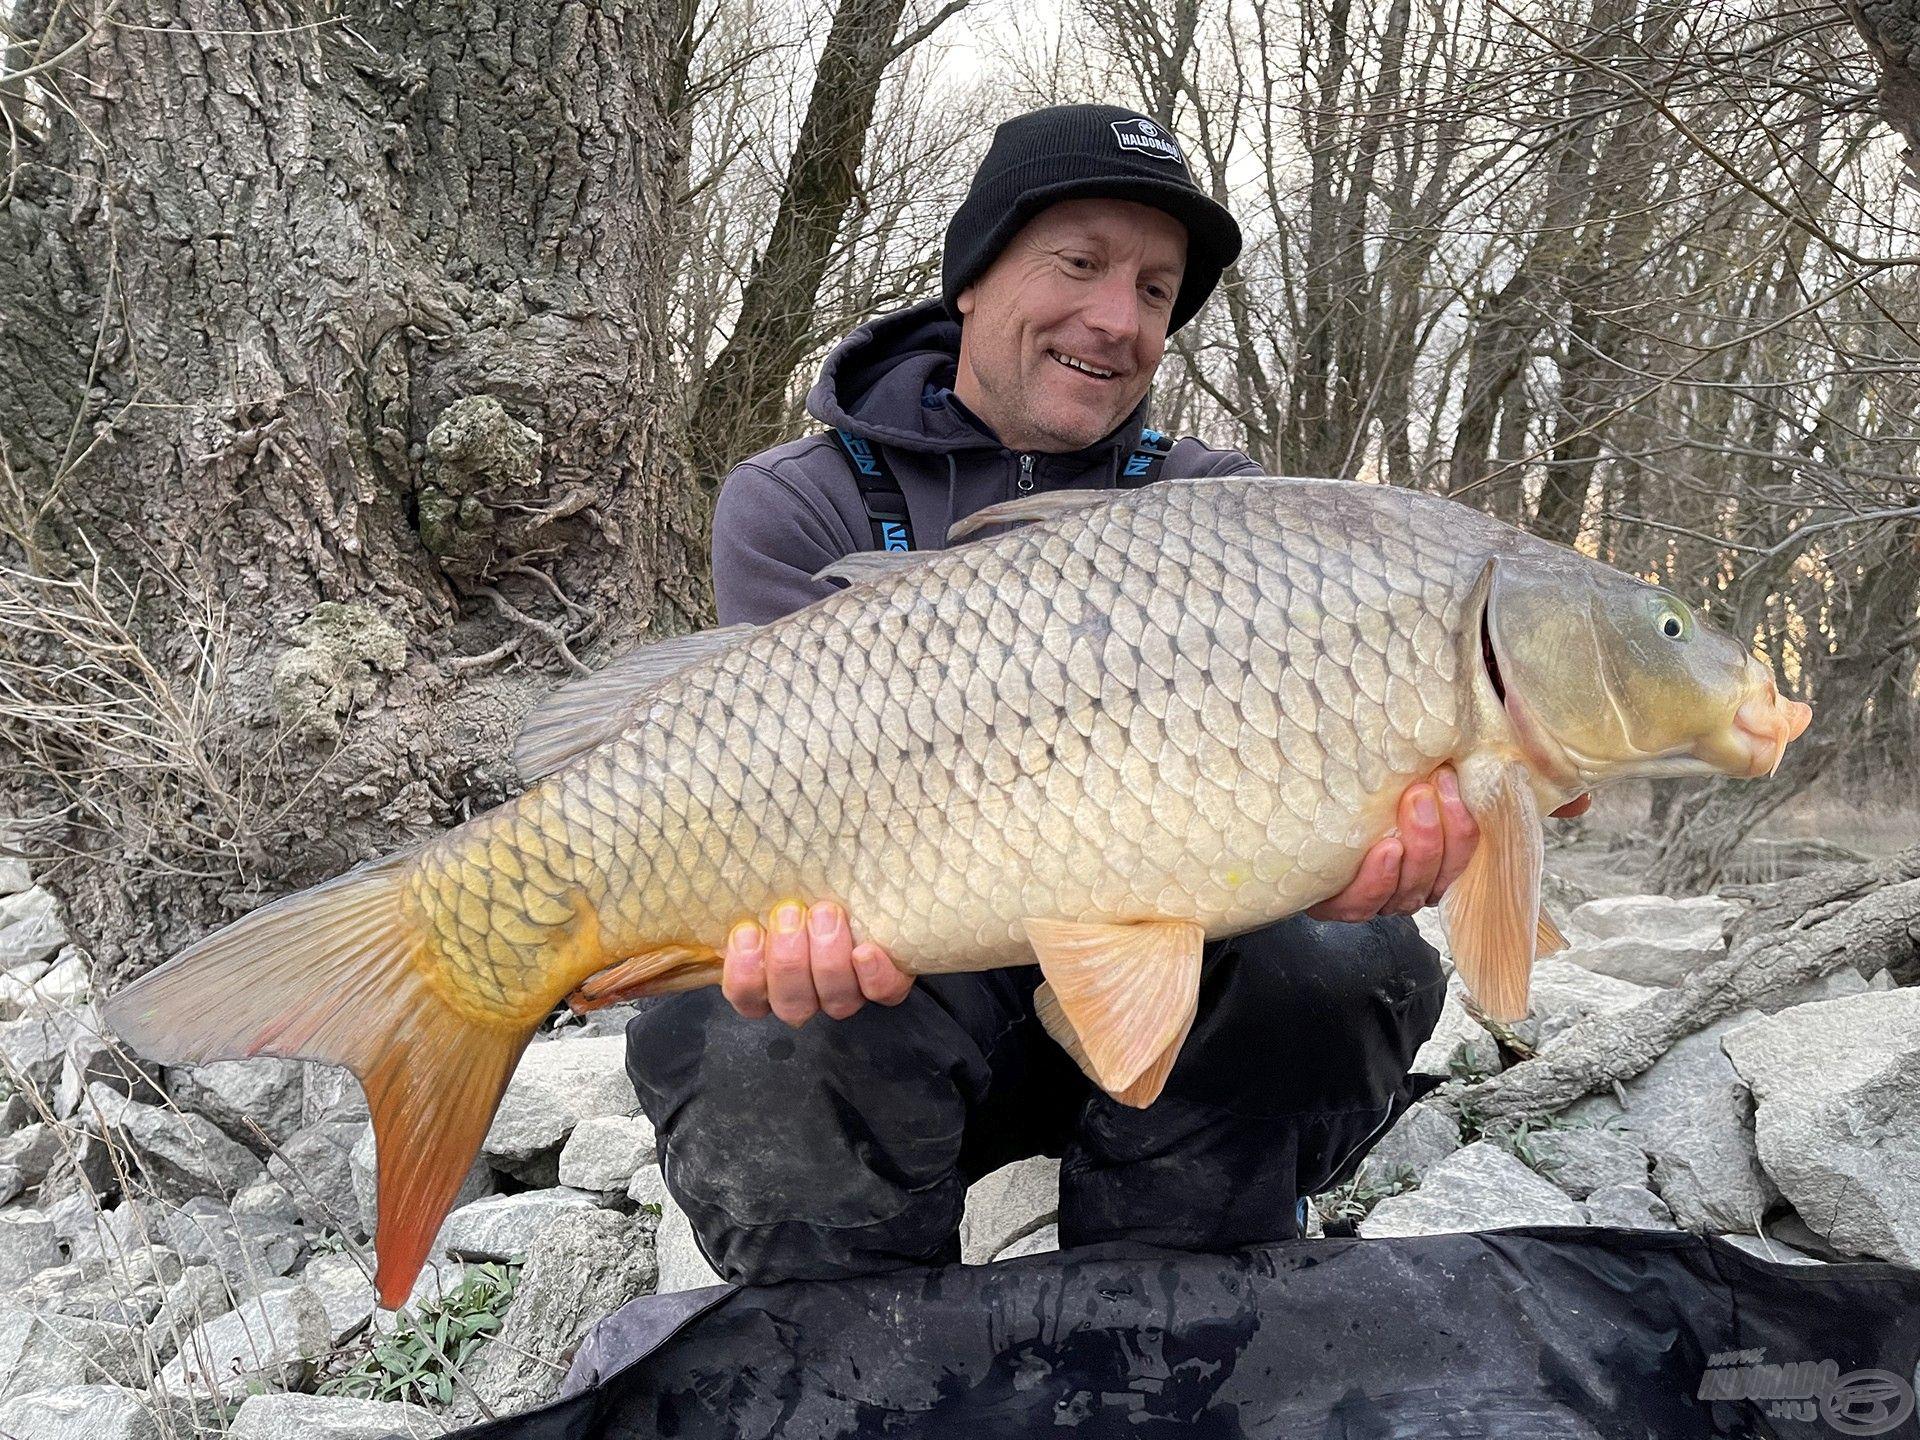 Hatalmas öröm ilyen szép halakat fogni a Dunából